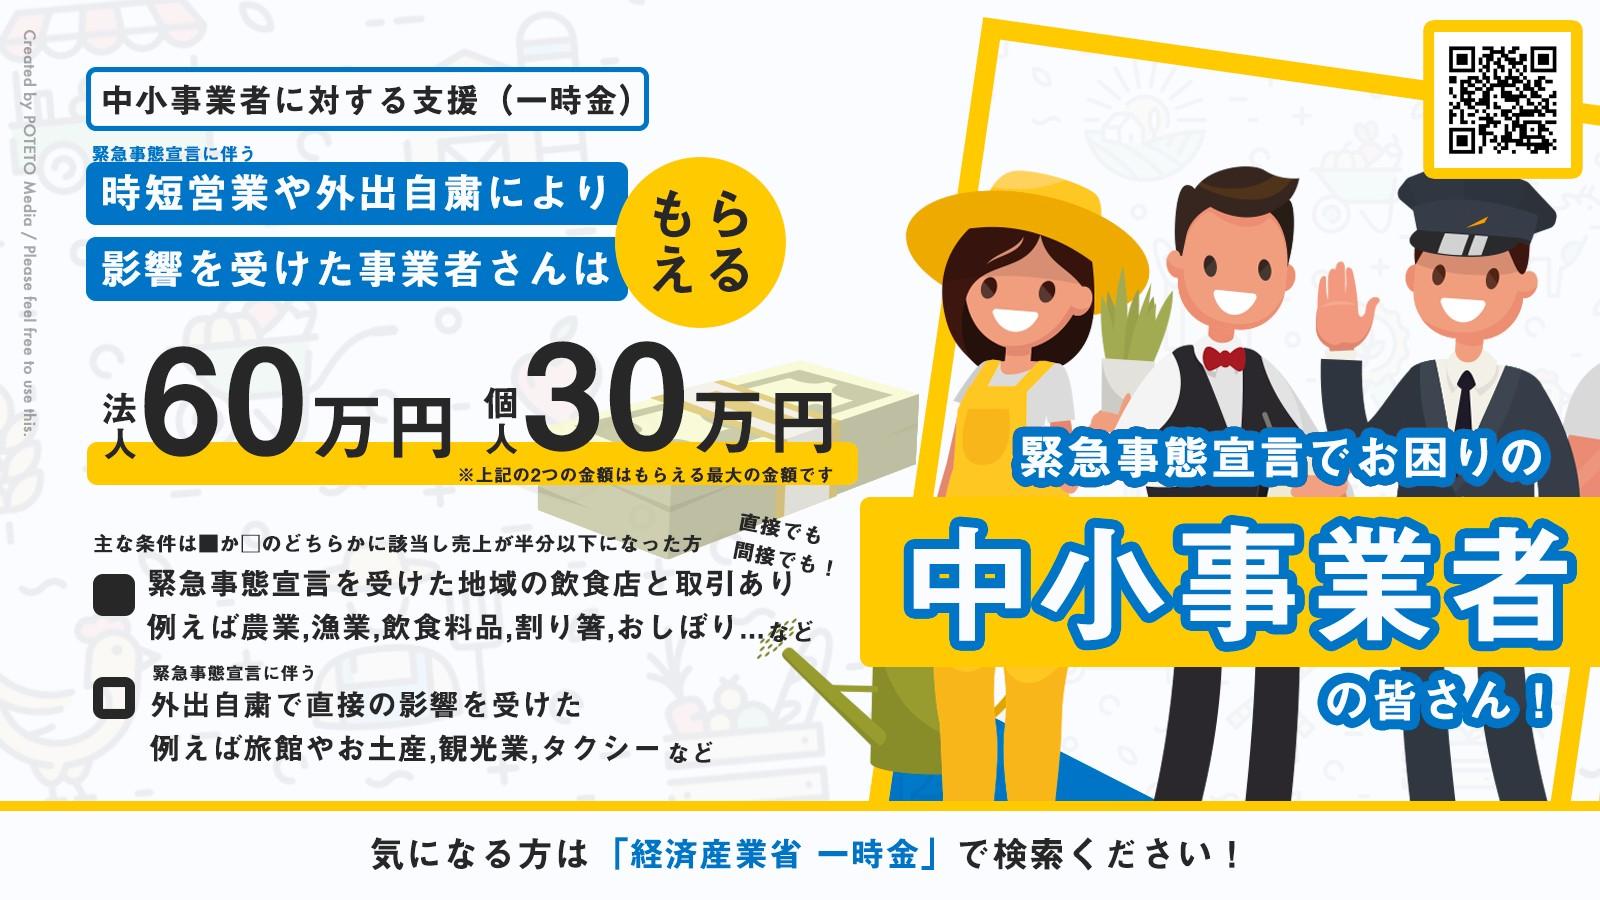 影響中小企業プラス20万円.jpg